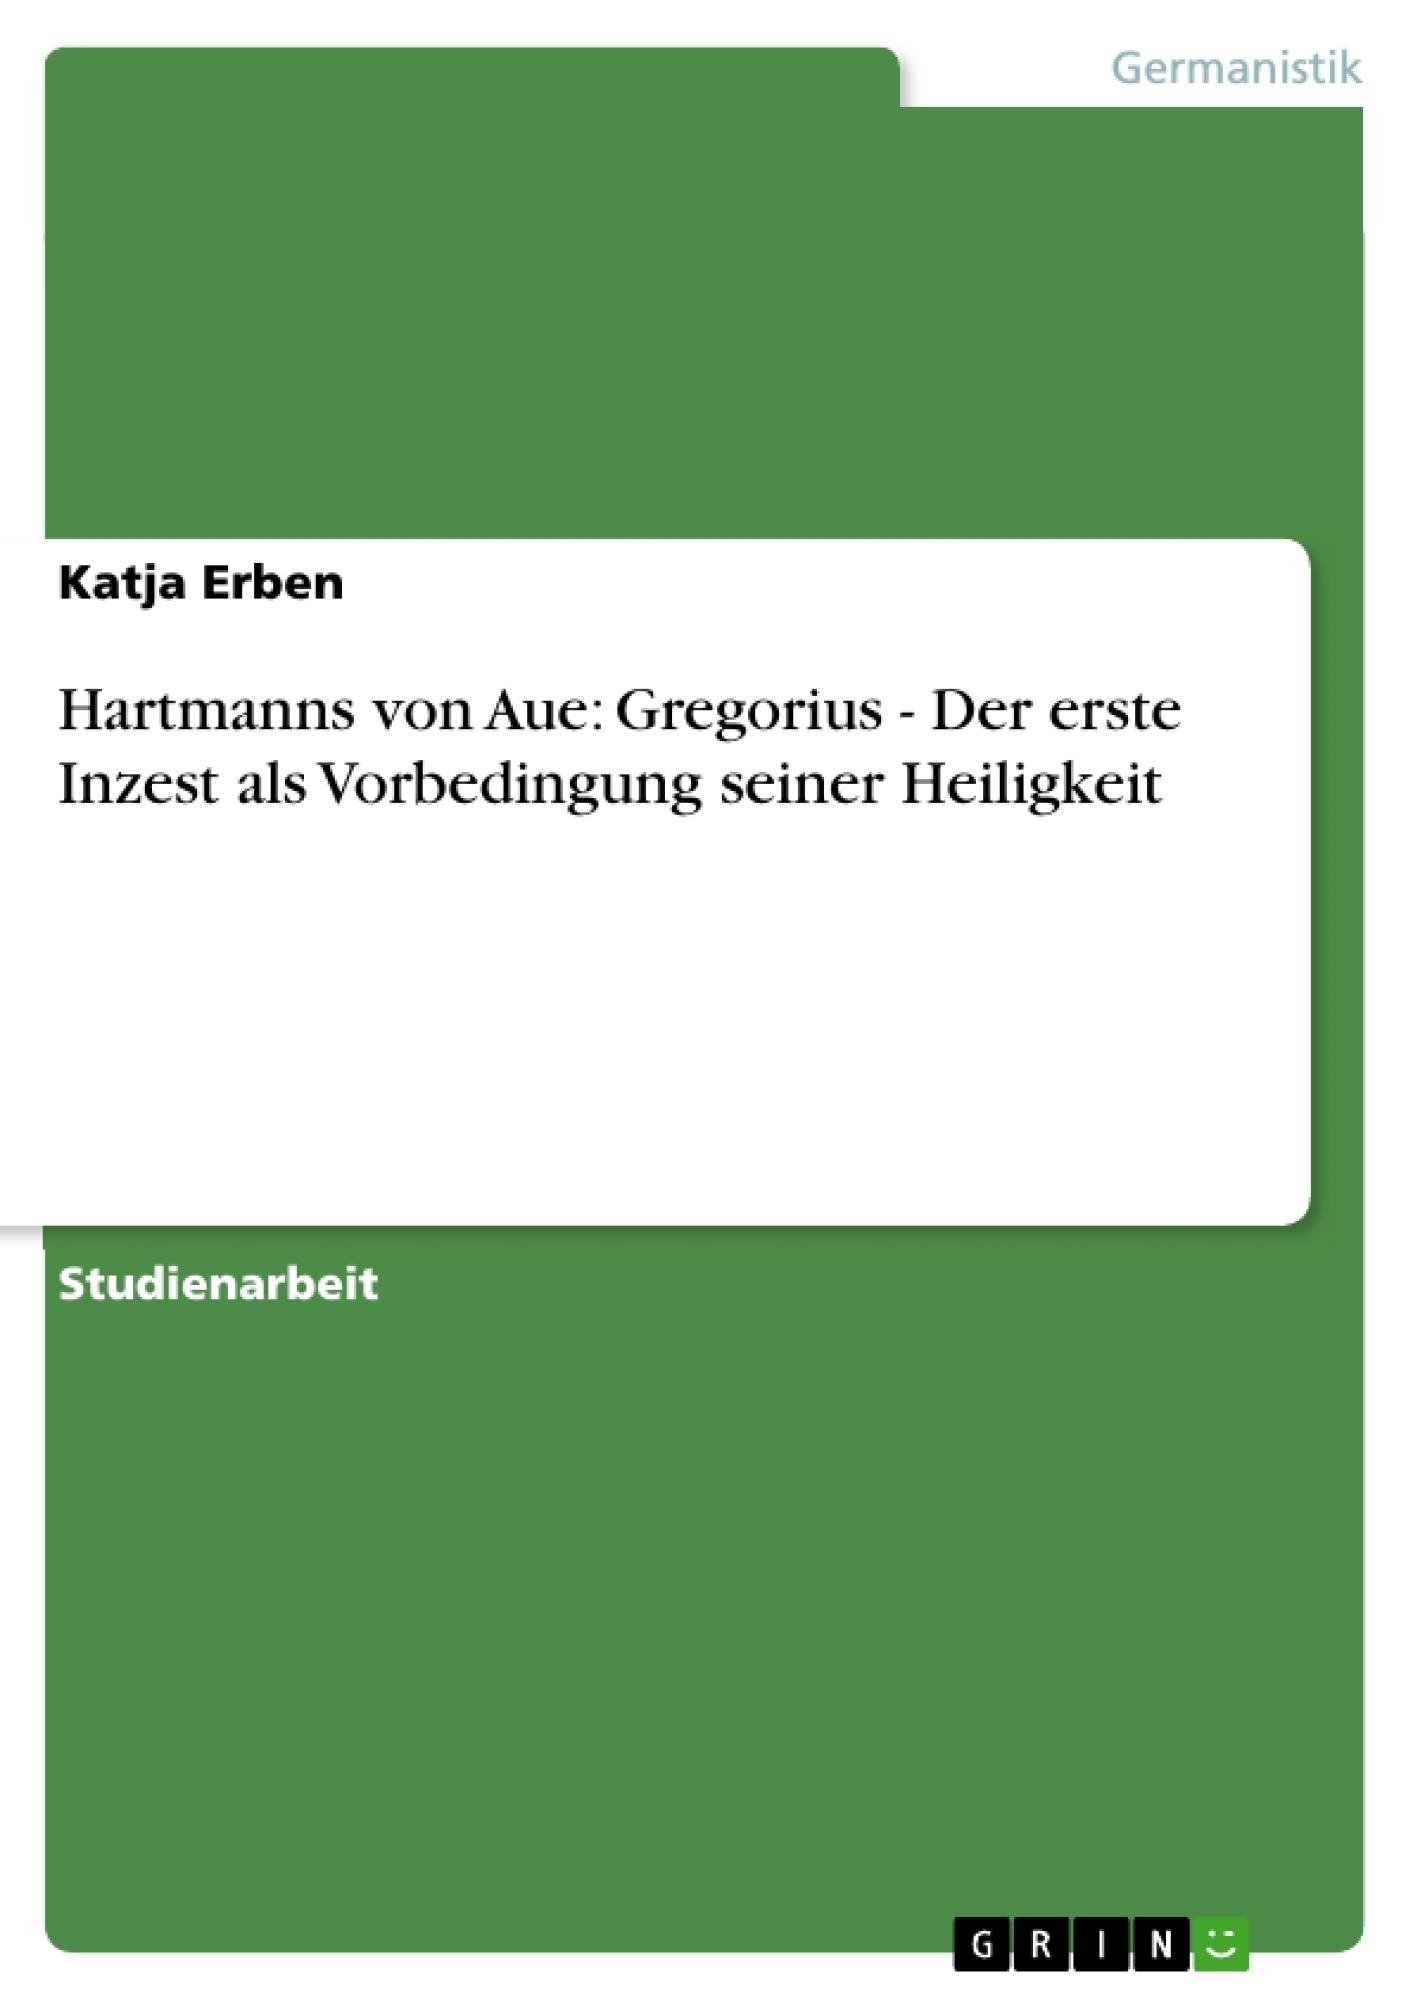 Titel: Hartmanns von Aue: Gregorius - Der erste Inzest als Vorbedingung seiner Heiligkeit